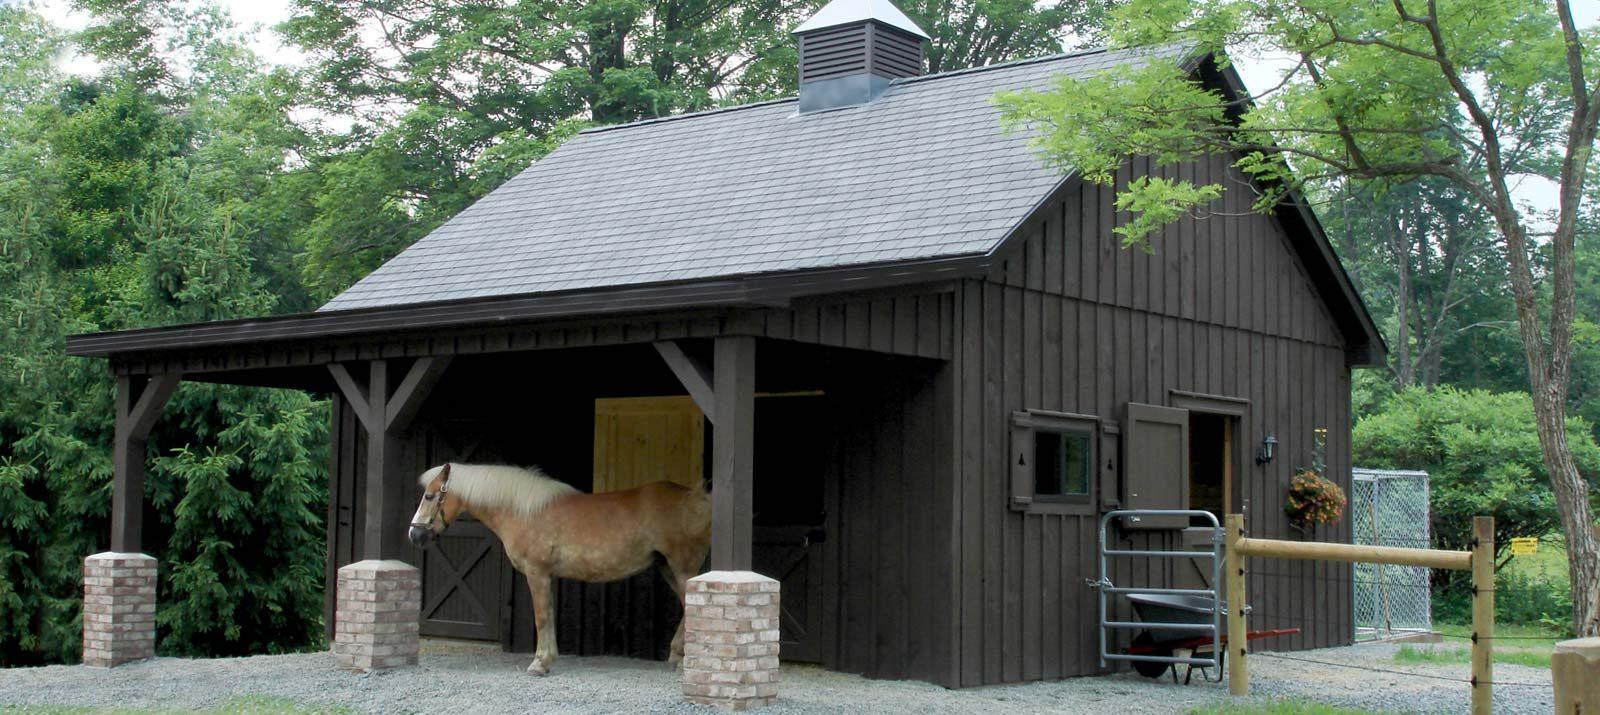 cb-slider-equine-barn-6